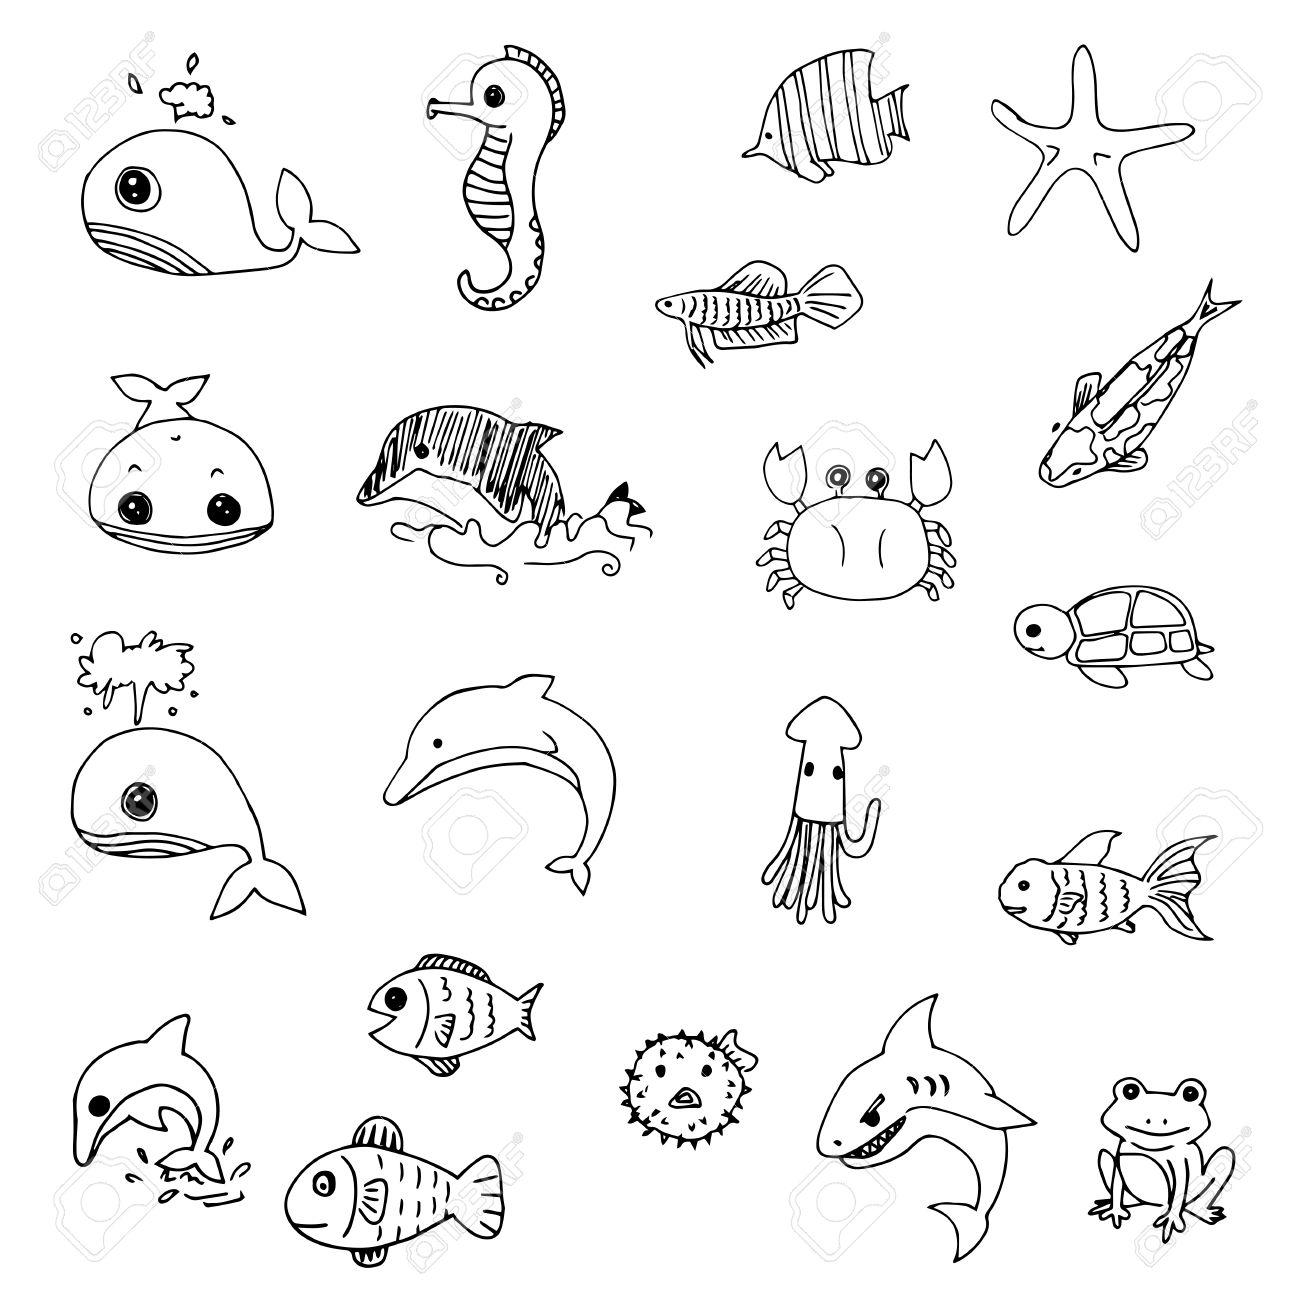 aquatic animals drawn vector